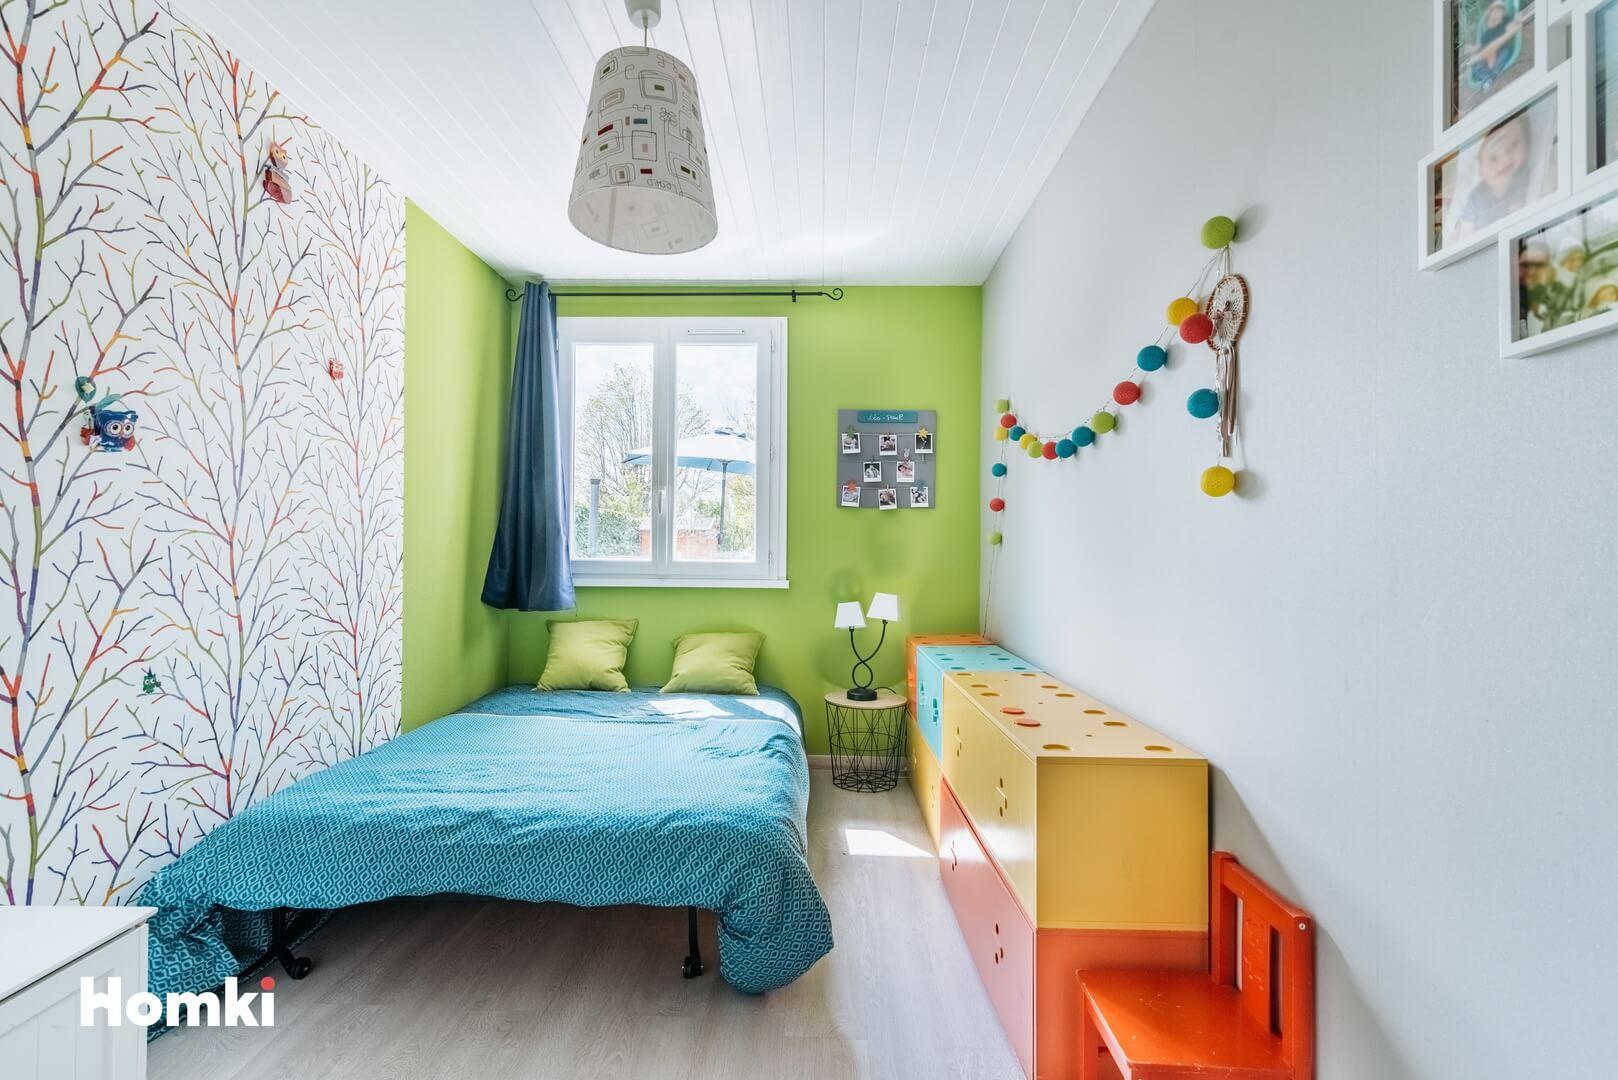 Homki - Vente Maison/villa  de 145.0 m² à Meyzieu 69330